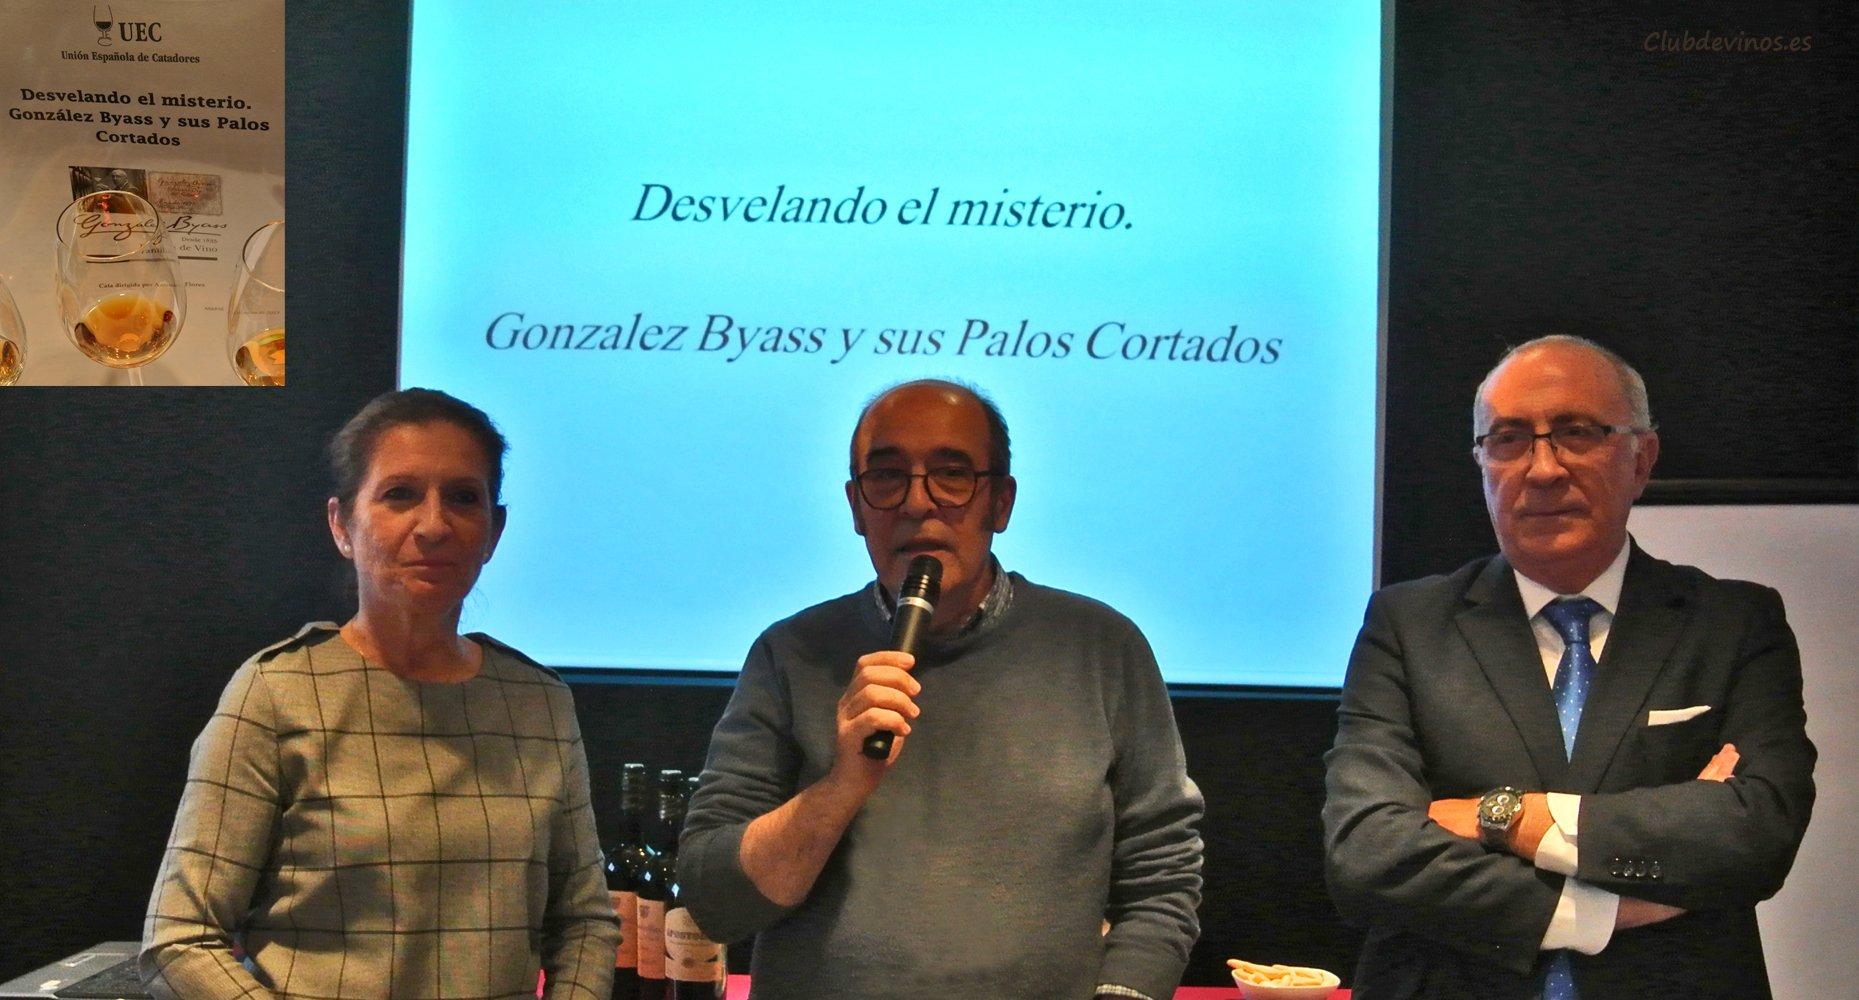 Marina García González y Antonio Flores durante la presentación por Fernando Gurucharri, presidente de la UEC-Unión Española de Catadores